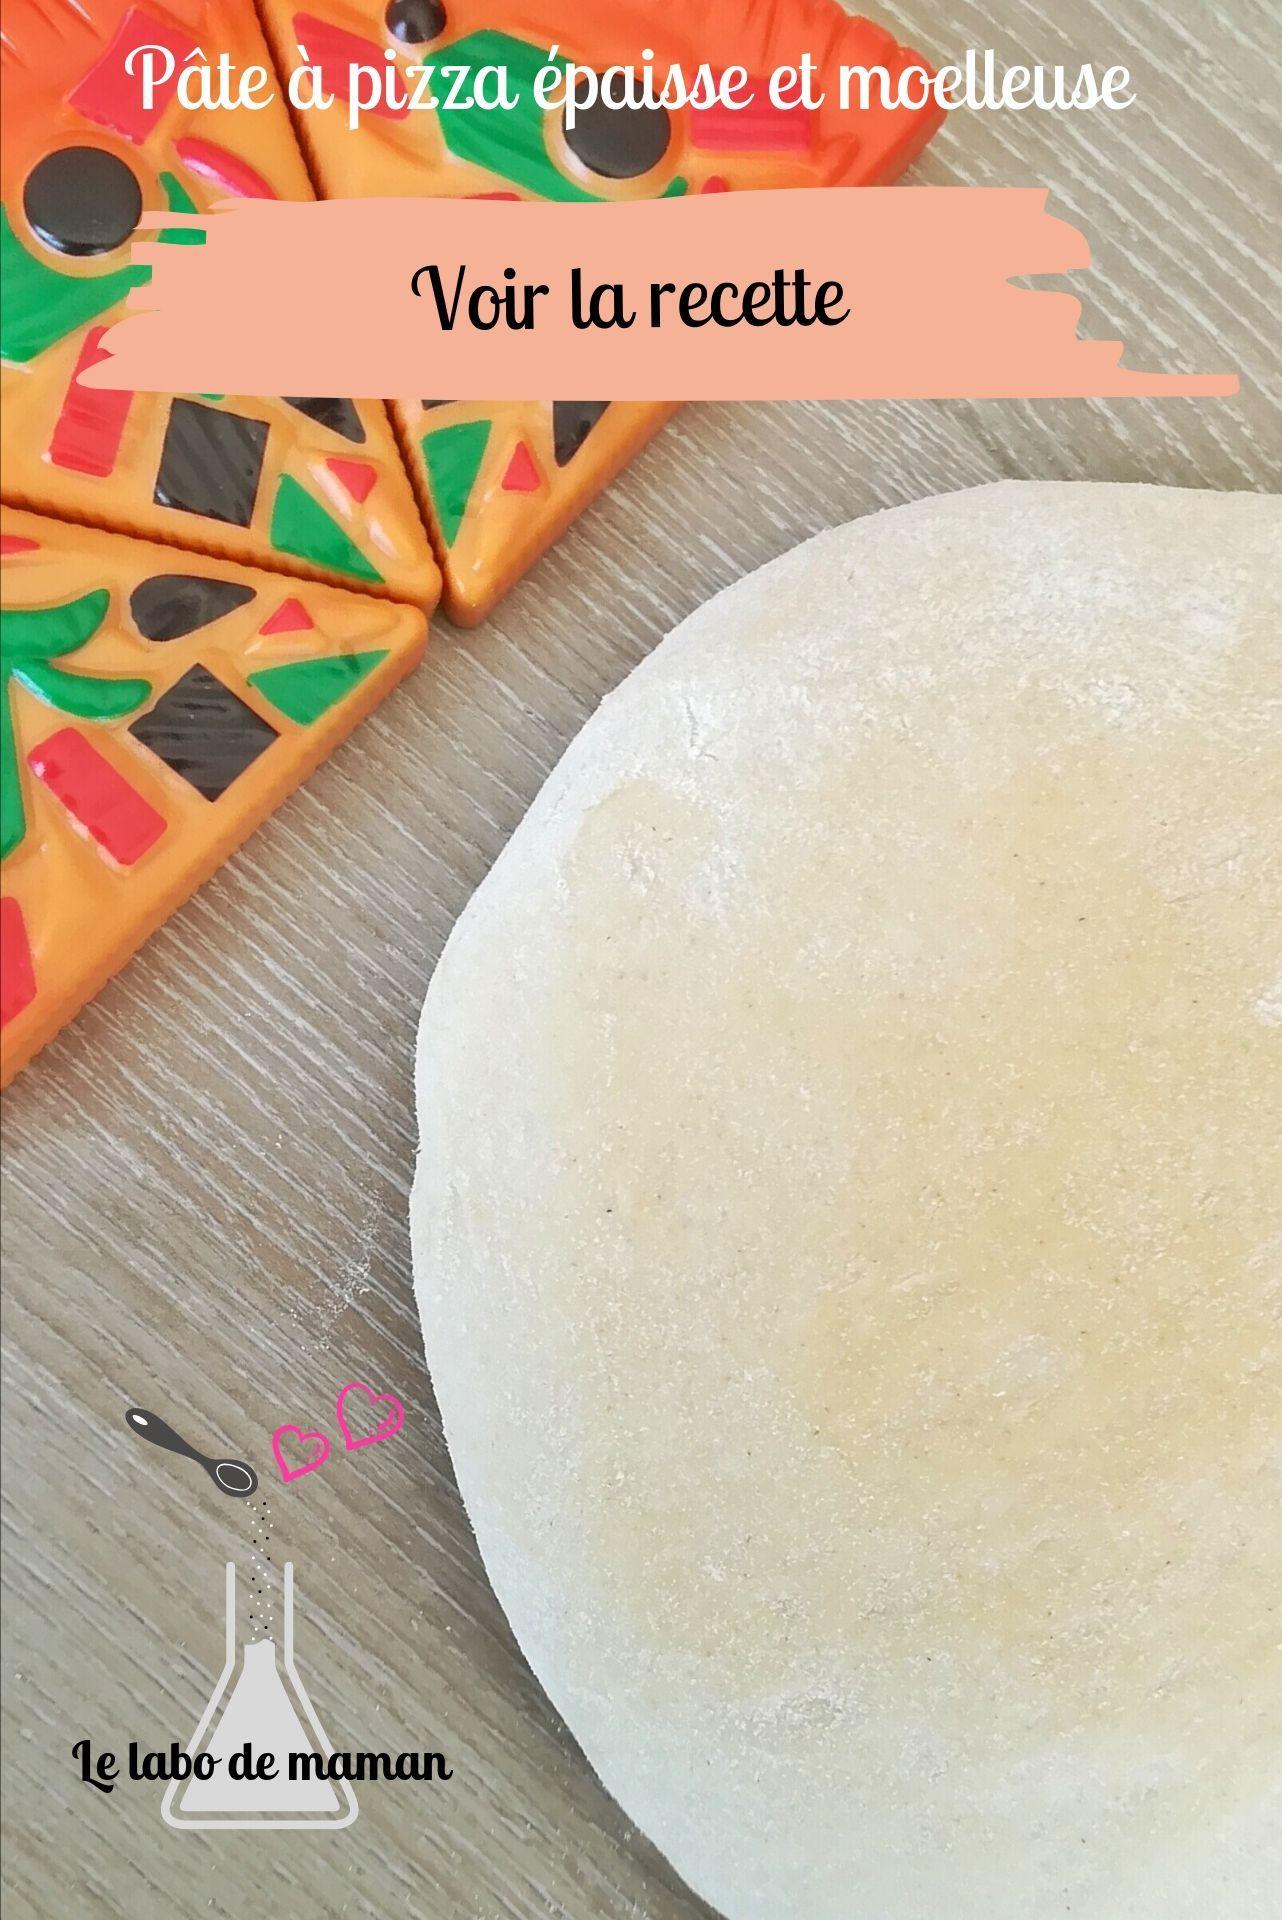 Pâte à pizza ultra épaisse et moelleuse #pateapizzafacile